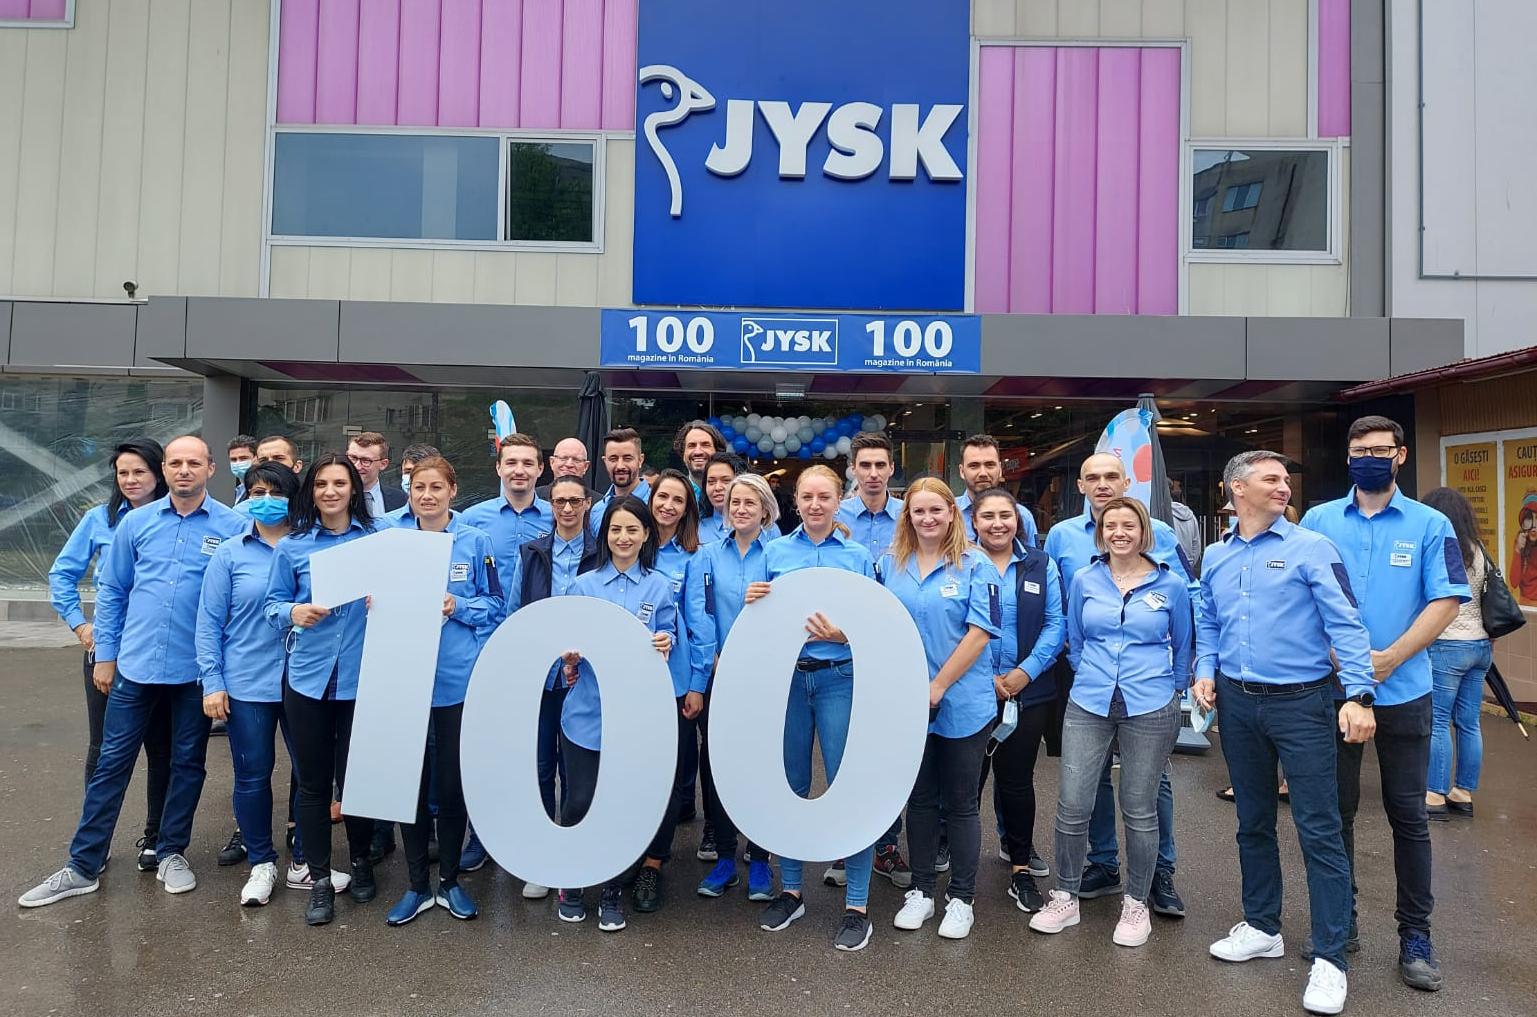 (P) JYSK ajunge la 100 de magazine în România. Obiectivul retailerului este de a-și dubla numărul de magazine